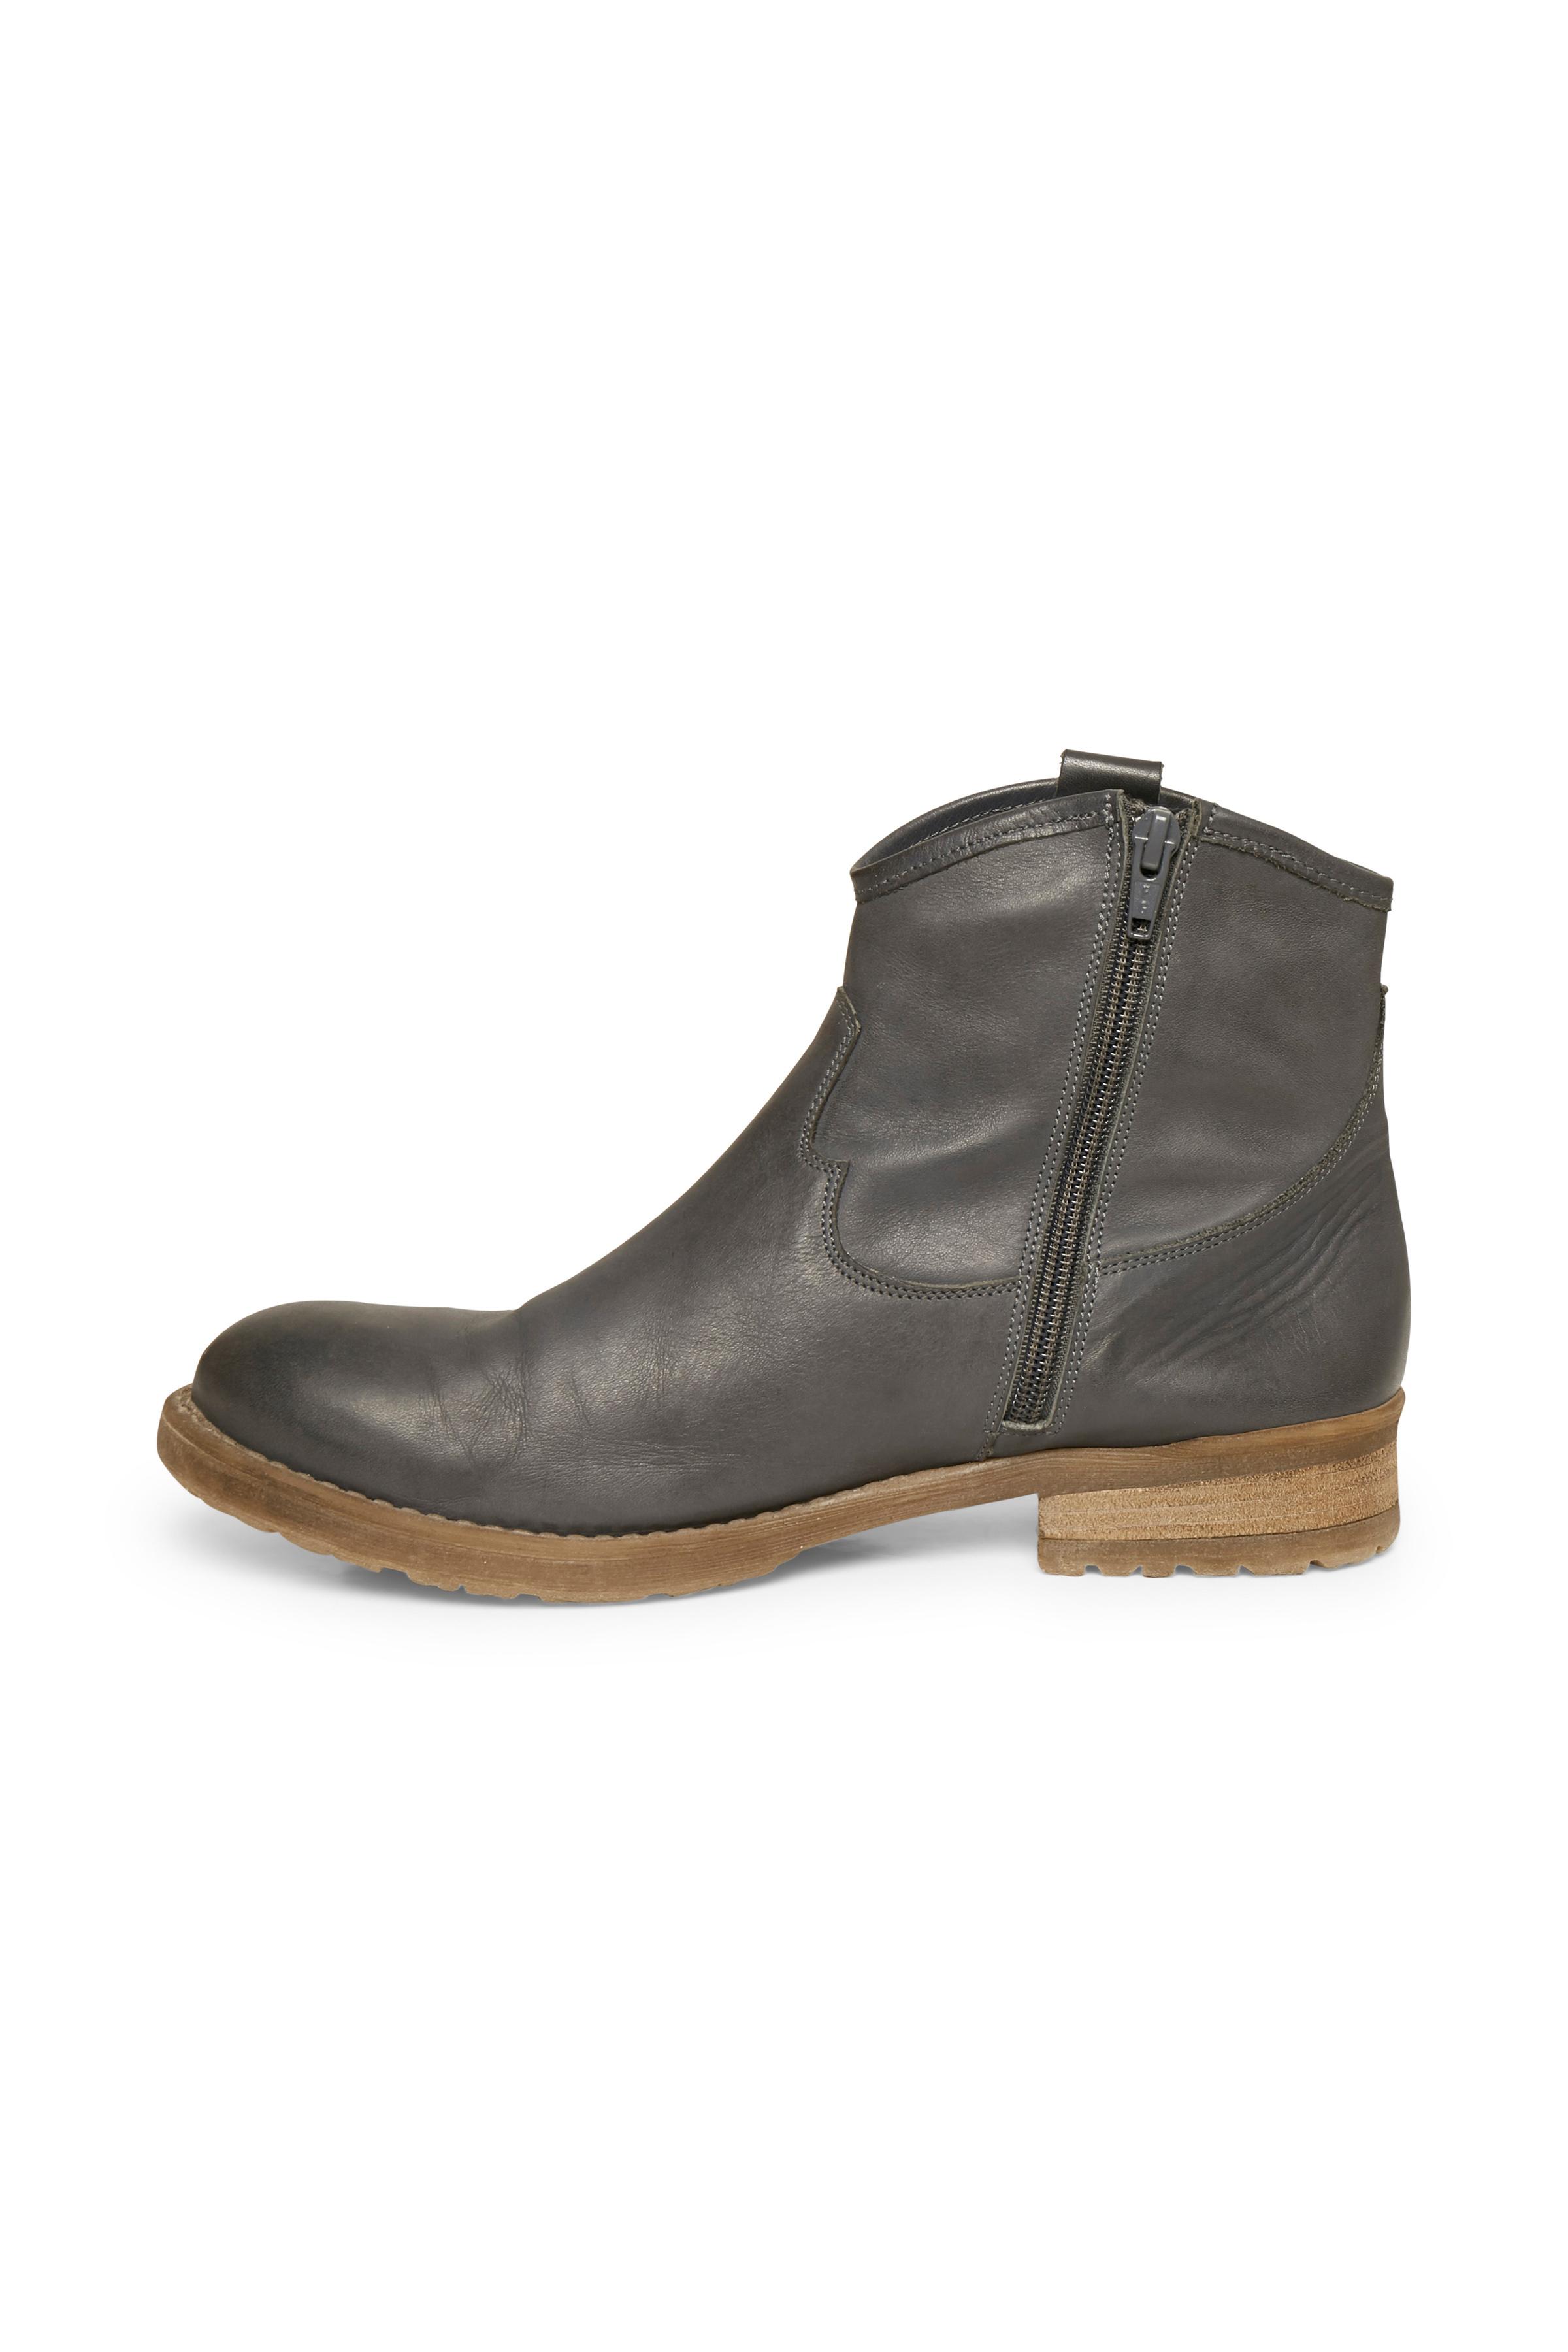 Grau Stiefel von Cream Accessories – Shoppen Sie Grau Stiefel ab Gr. 36-41 hier